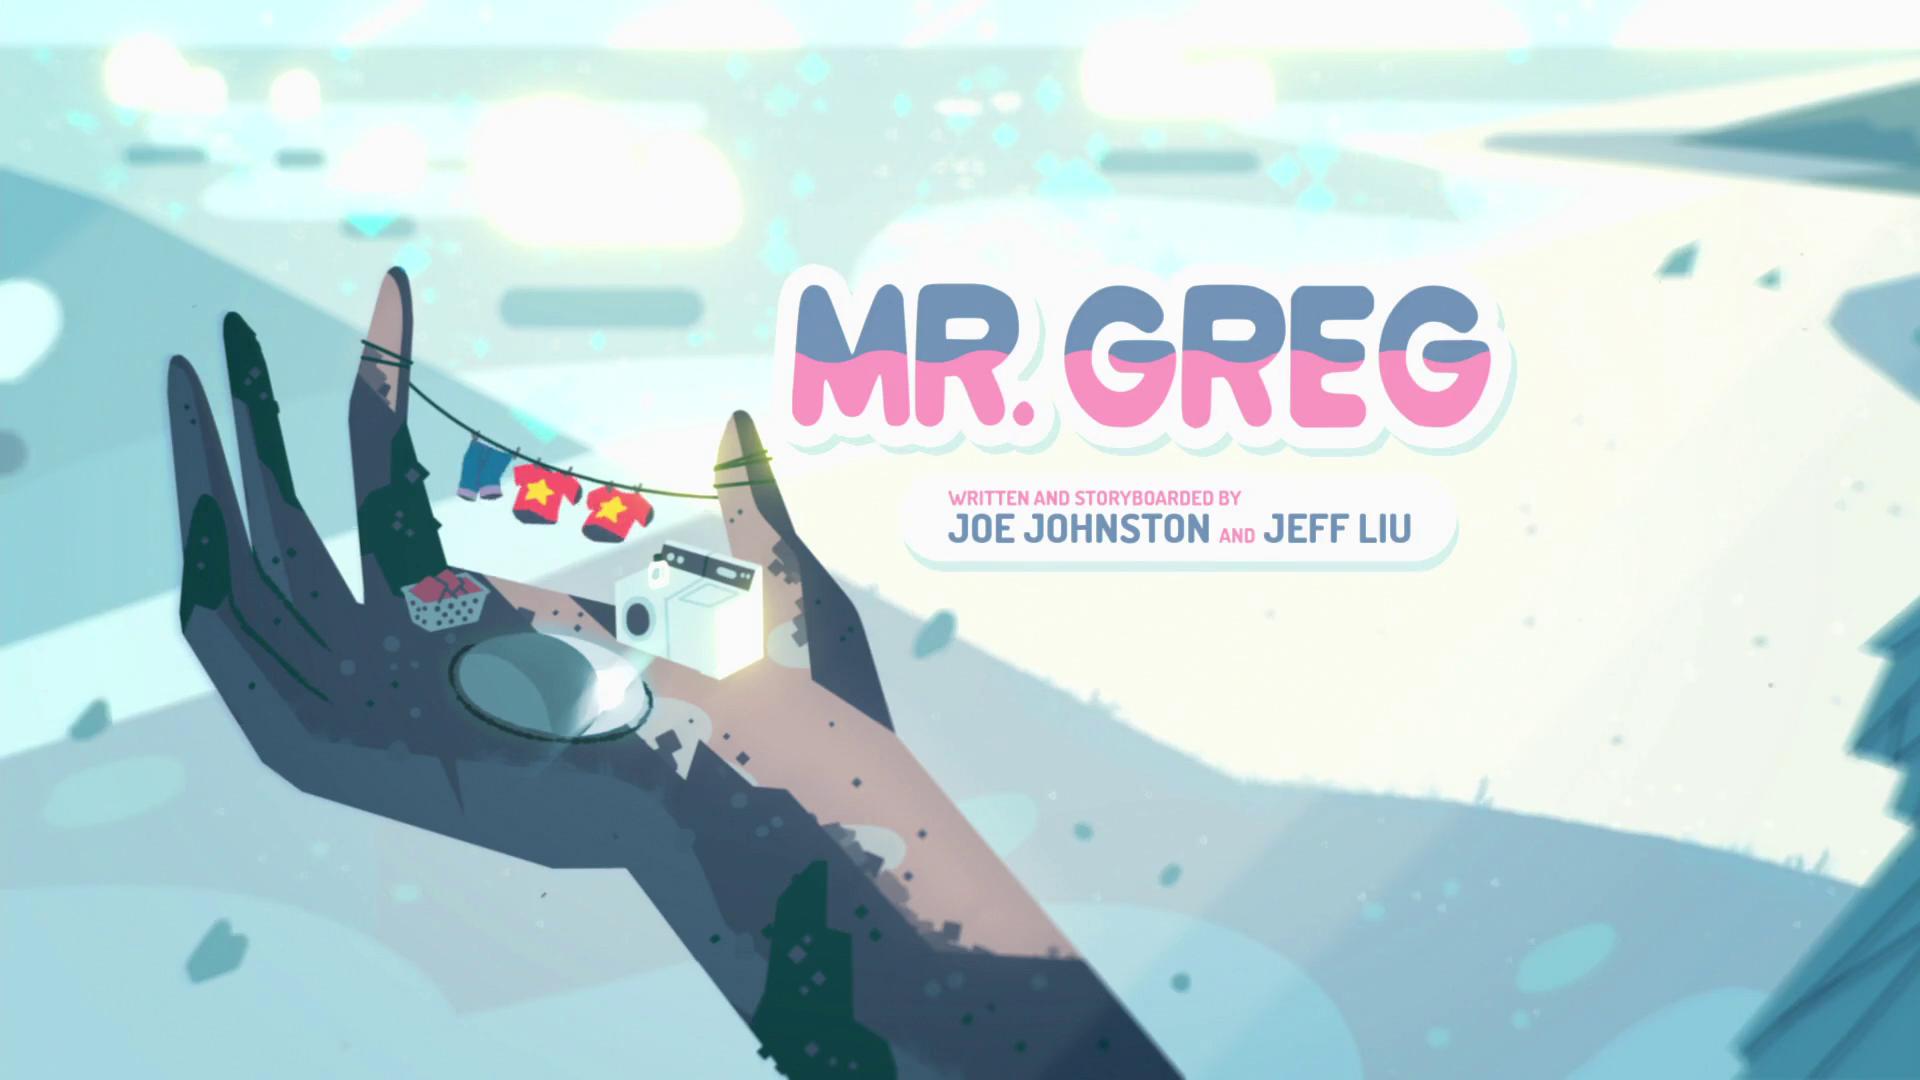 Mr. Greg/Gallery